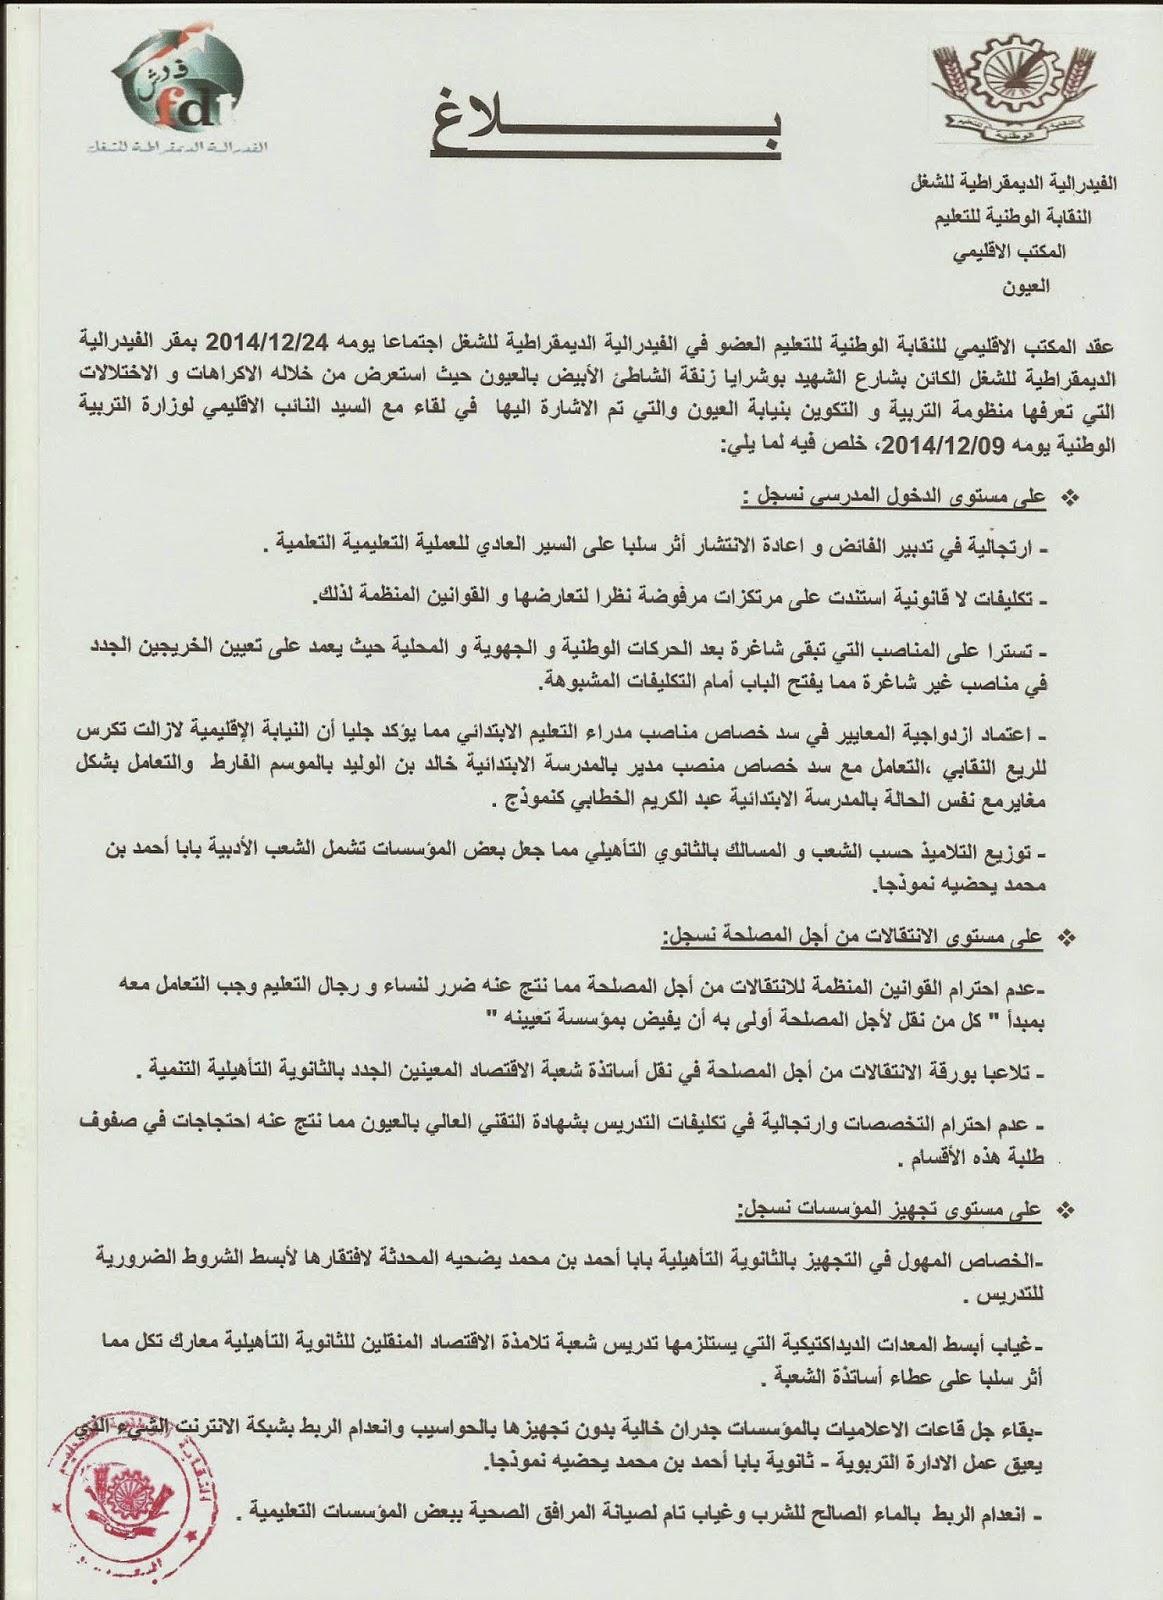 بلاغ للنقابة الوطنية للتعليم بالعيون